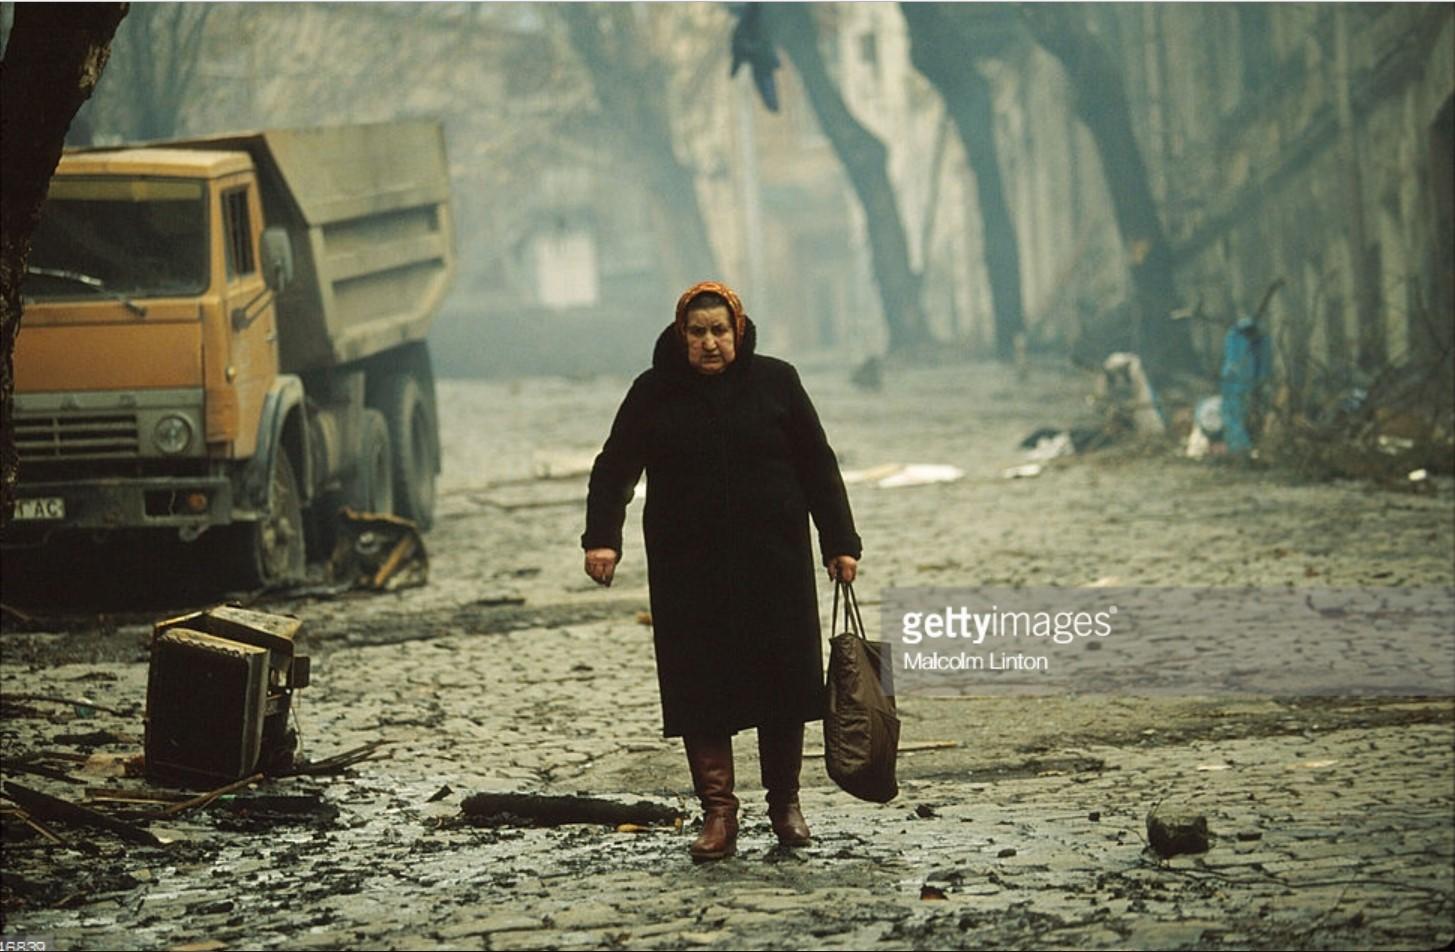 1991. 31 декабря. Тбилиси. Женщина идет по улице в зоне боевых действий возле здания парламента